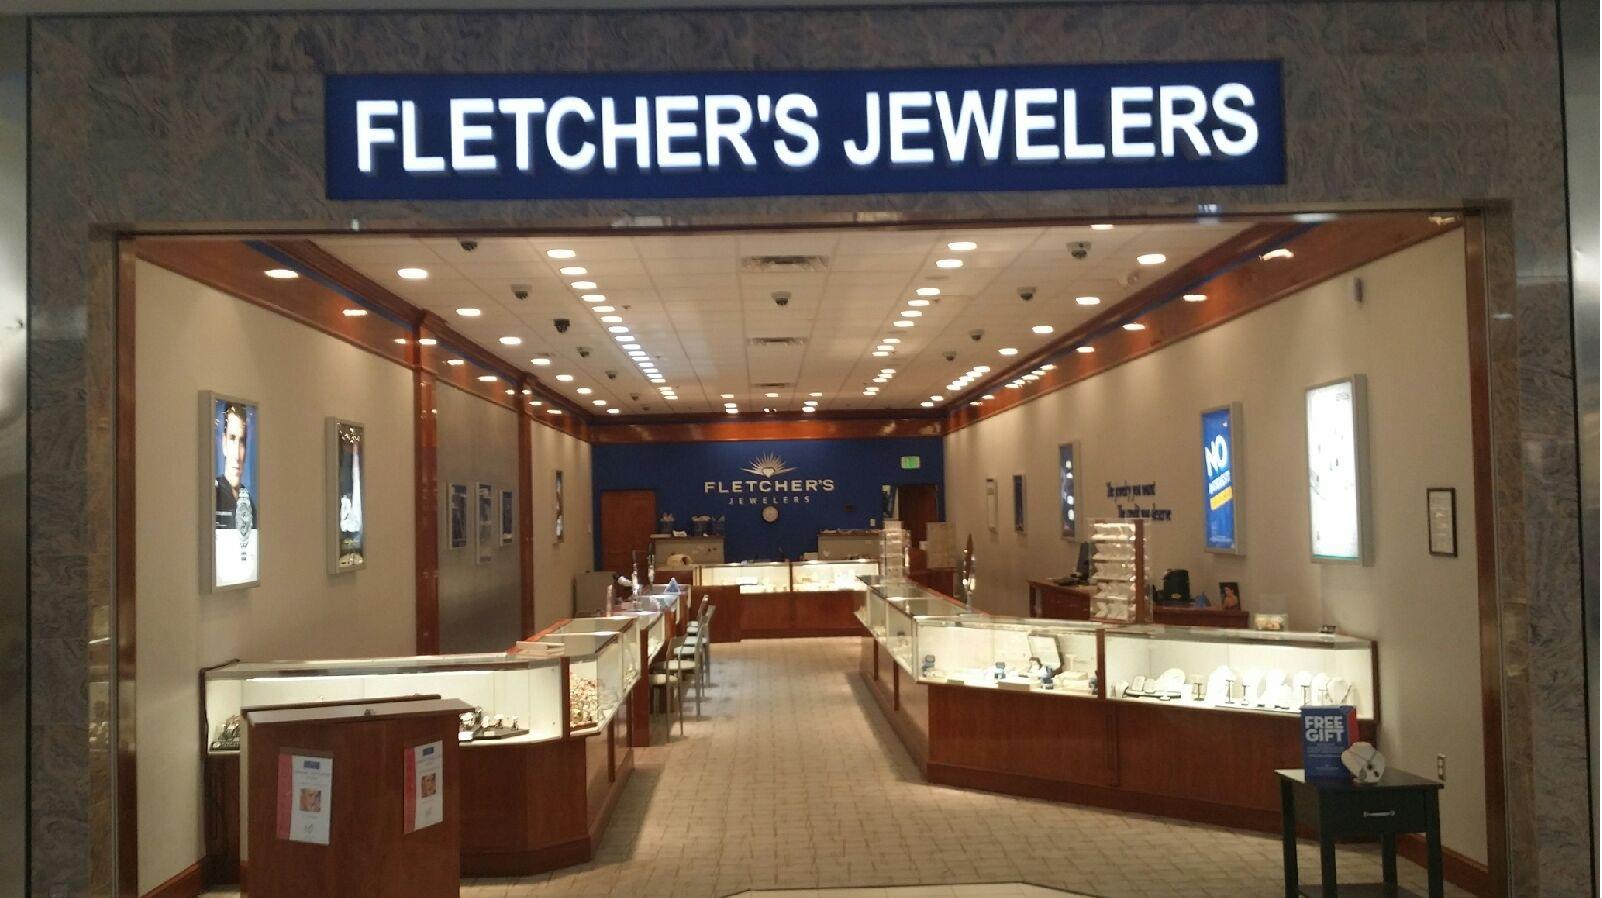 Fletcher's Jewelers